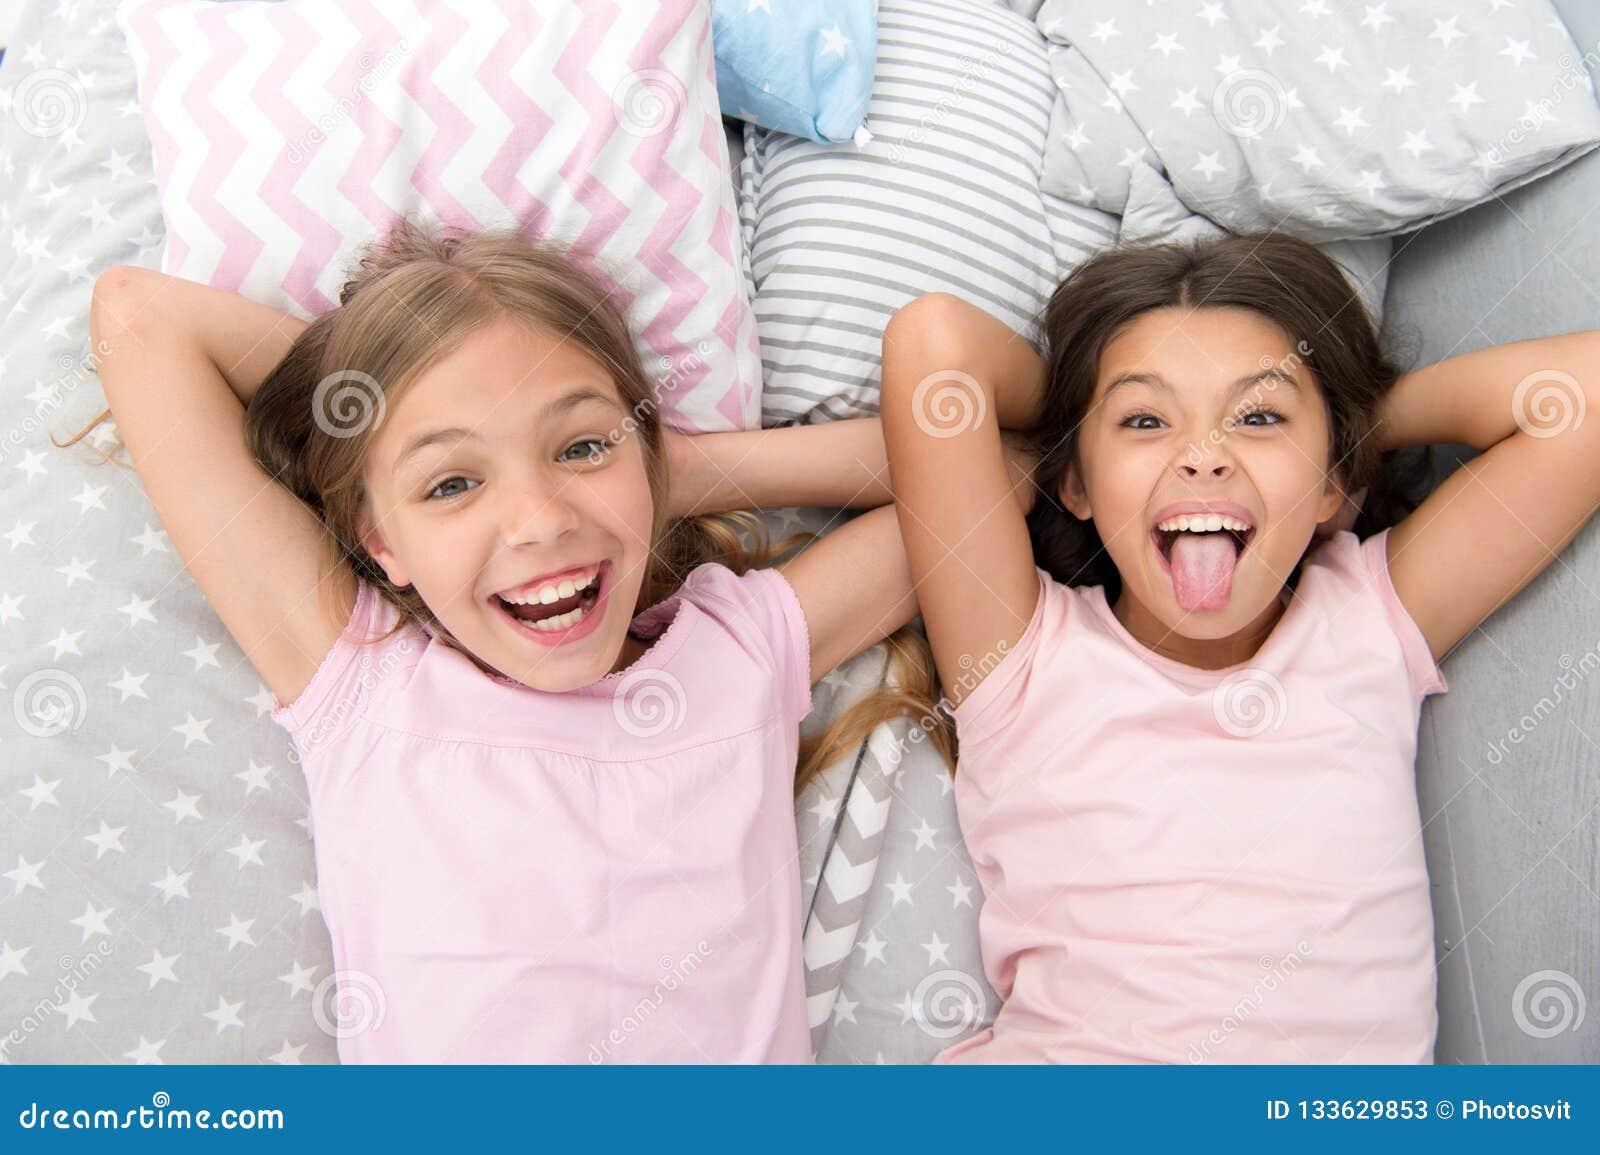 Spaß mit bestem Freund haben Kinderspielerische frohe Stimmung, die Spaß zusammen hat Pyjamapartei und -freundschaft schwestern